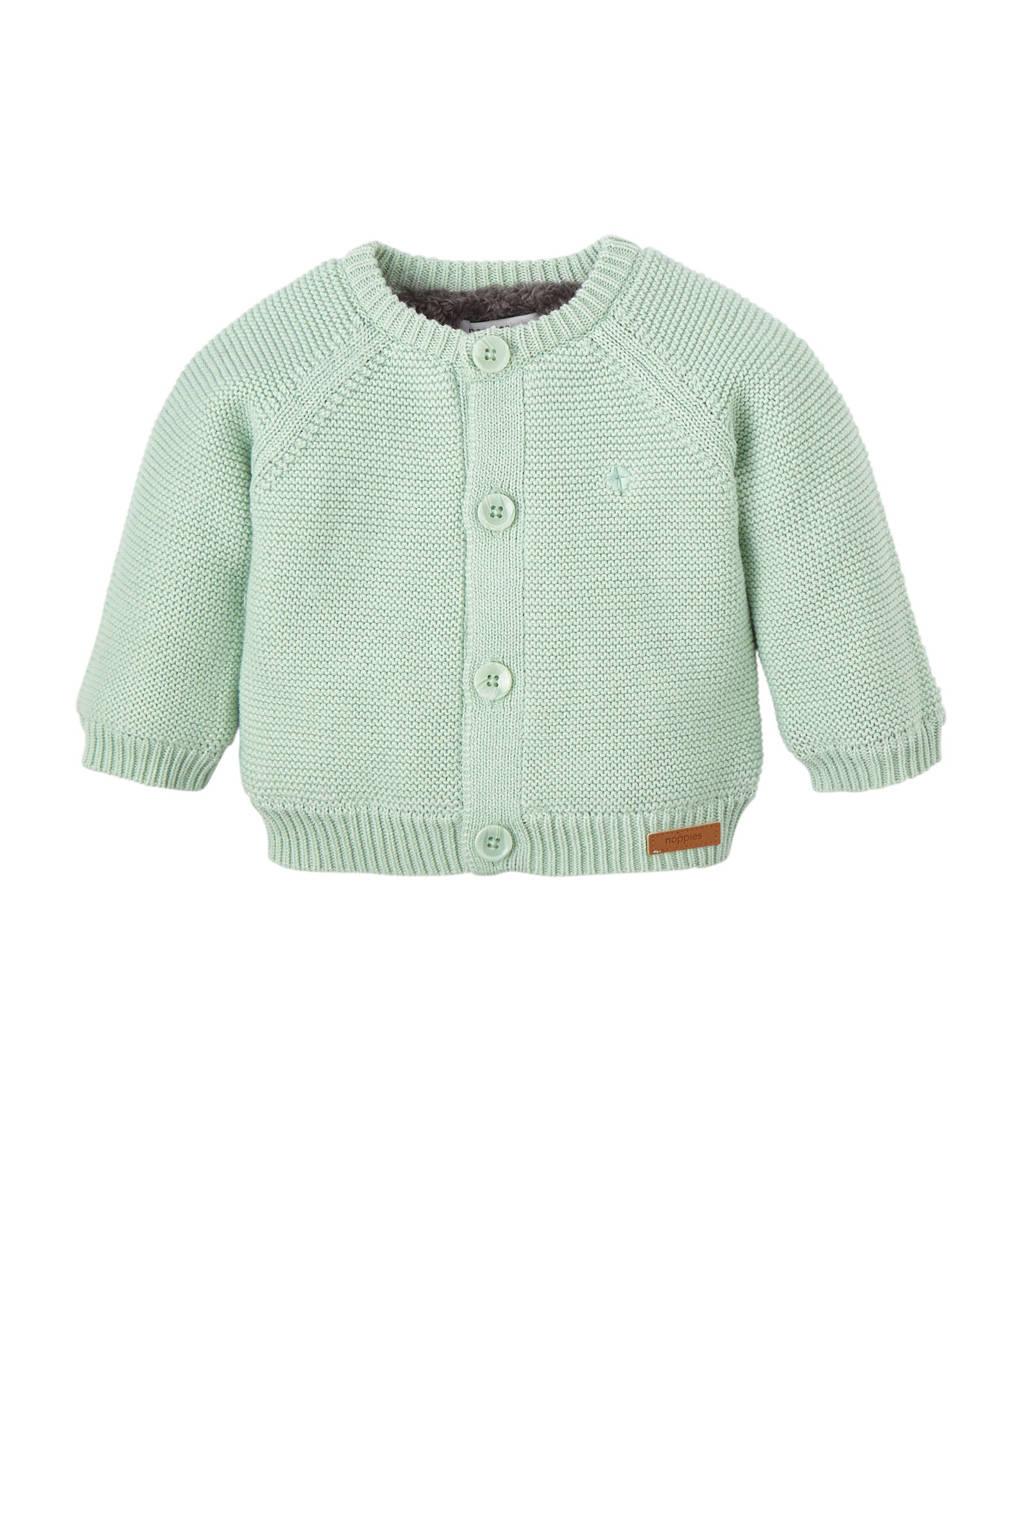 Noppies baby newborn gebreid vest, Mintgroen/antraciet